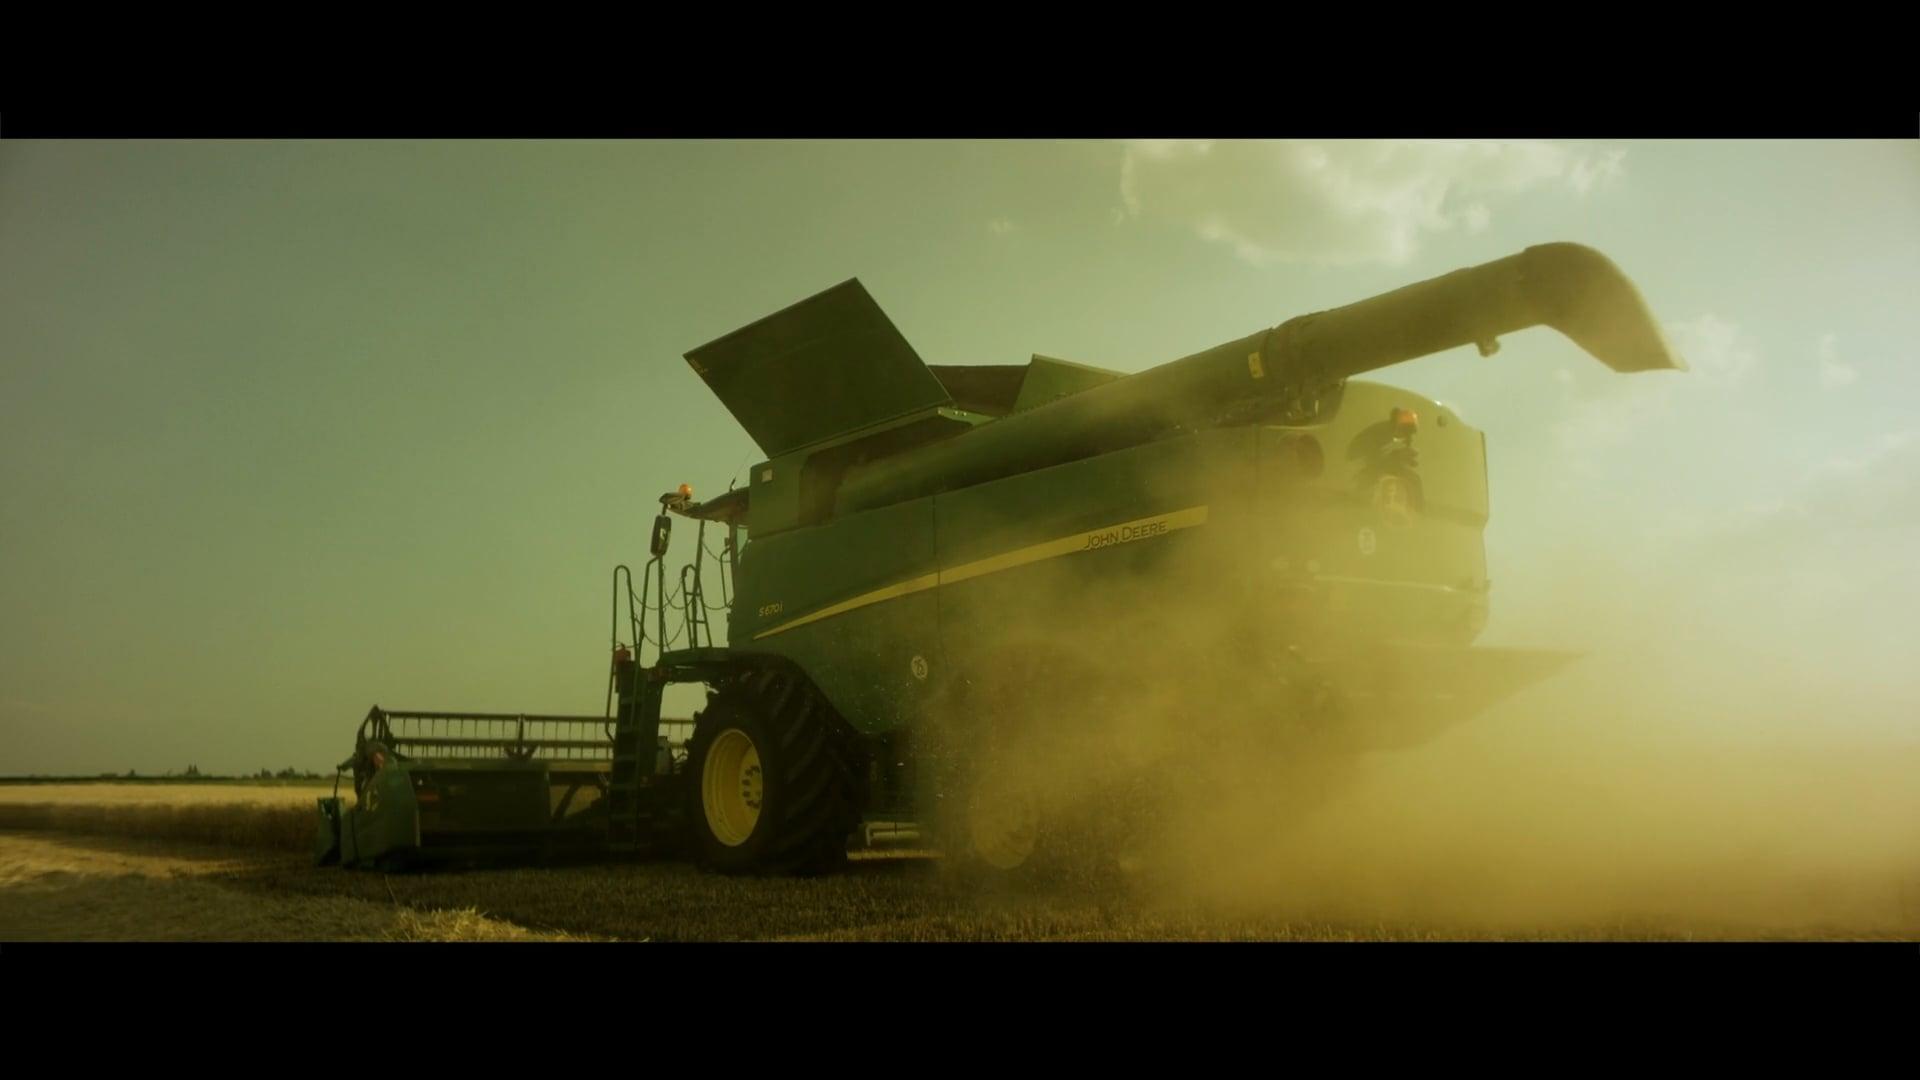 #WEAREPOWER - TMA Lavorazioni Meccanico Agricole